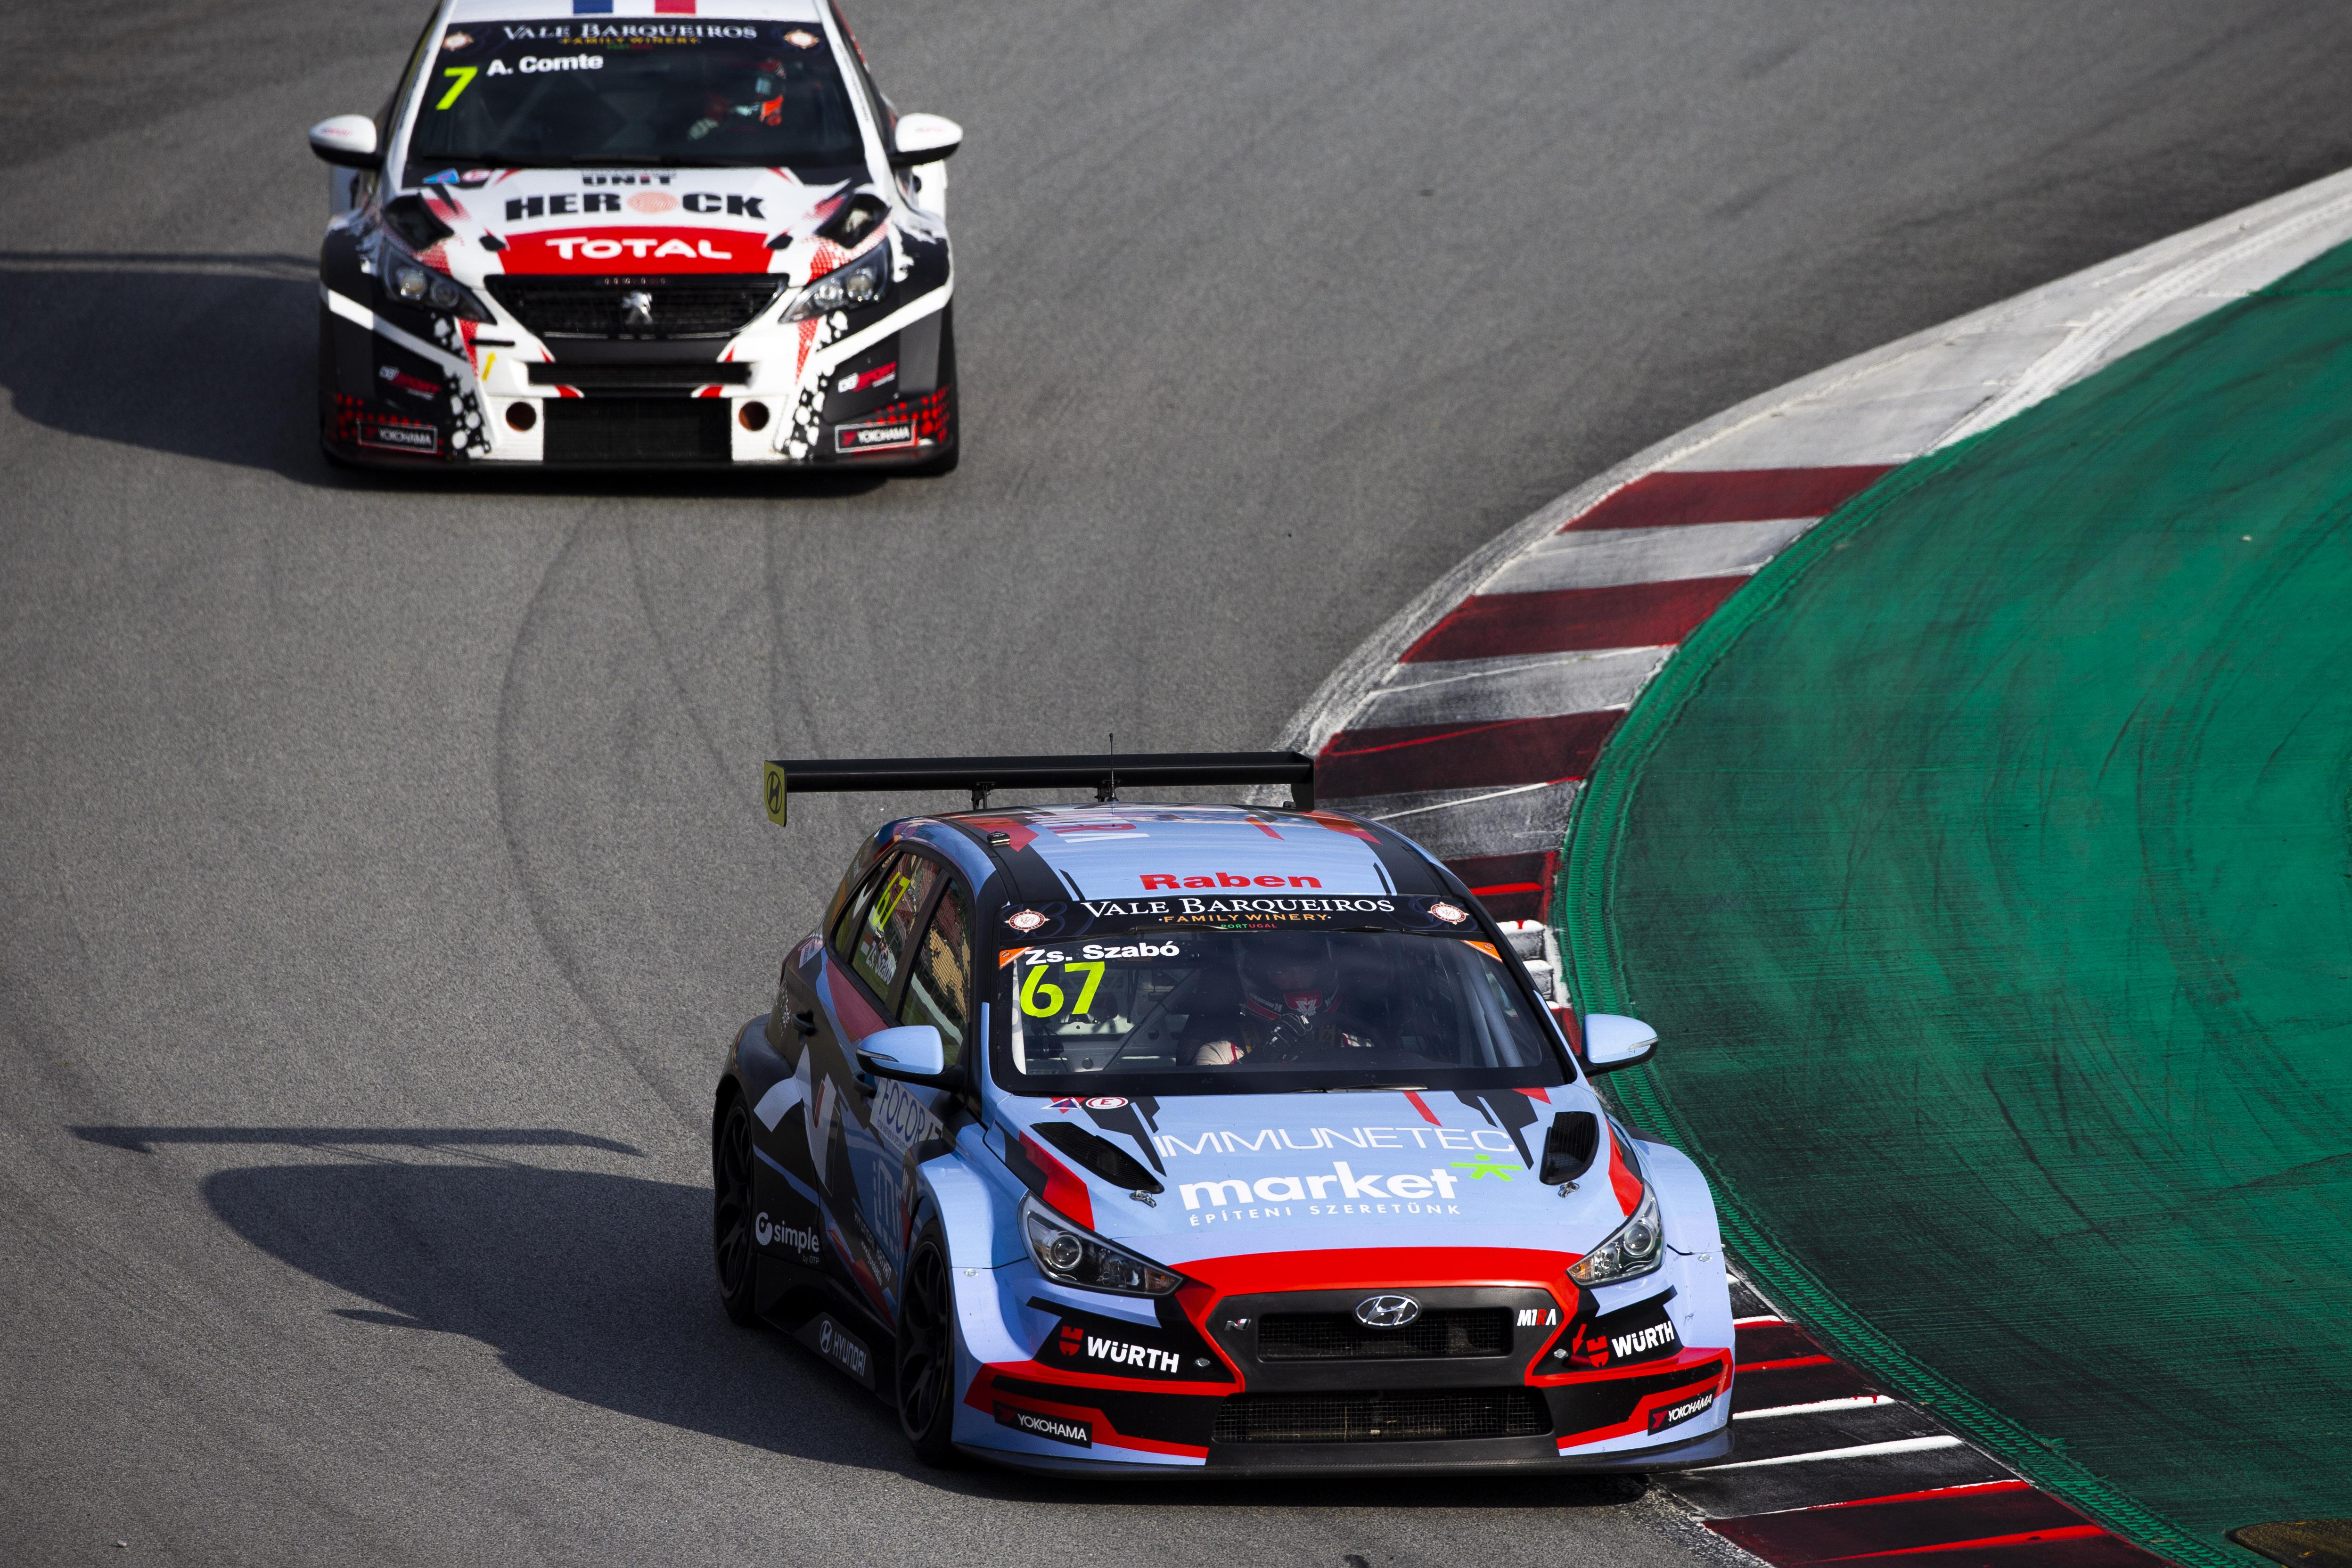 TCR EU: Átláthatatlan versenyen, 19 helyet javítva szerzett pontot Szabó Zsolt